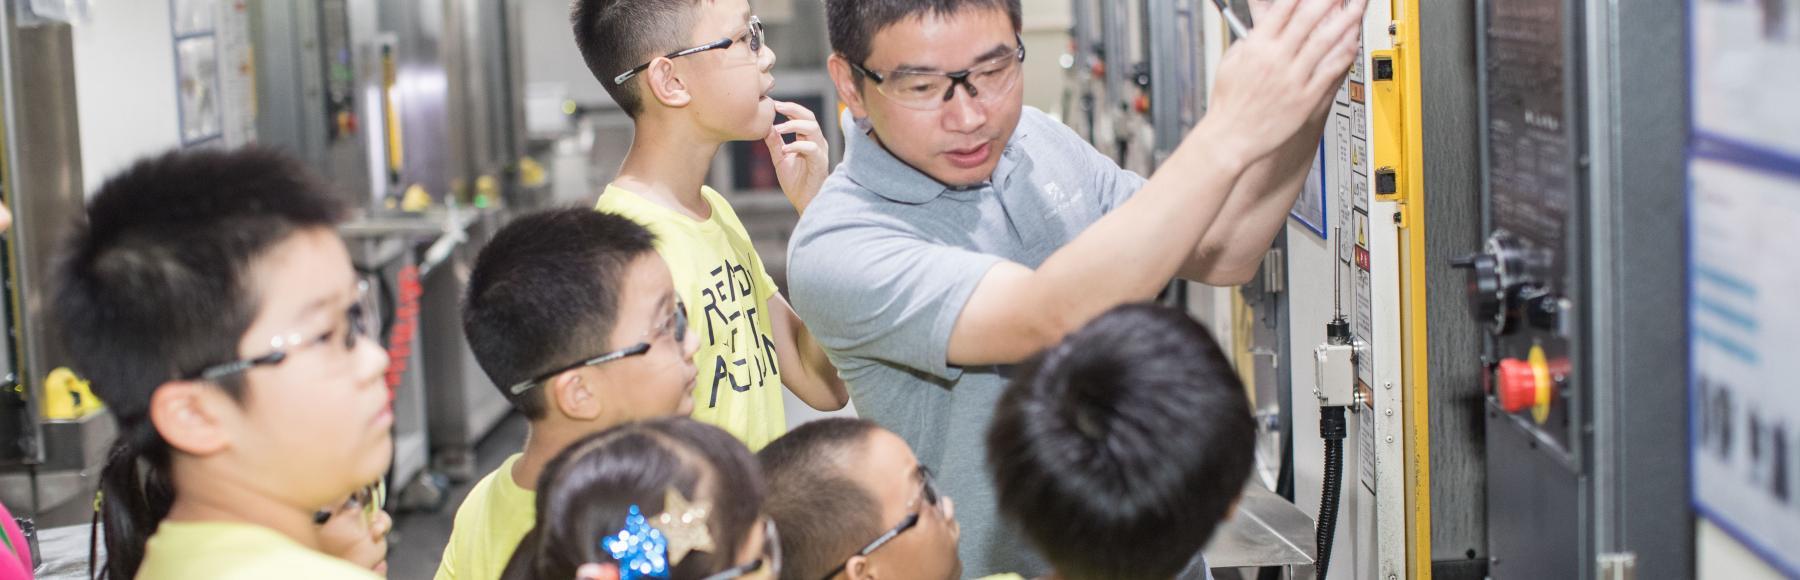 Eine Gruppe von Kindern in gelben Hemden, die vor einer Produktionsanlage stehen. Ein Mann in einem grauen Hemd erklärt ihnen die Funktionsweise der Maschine.